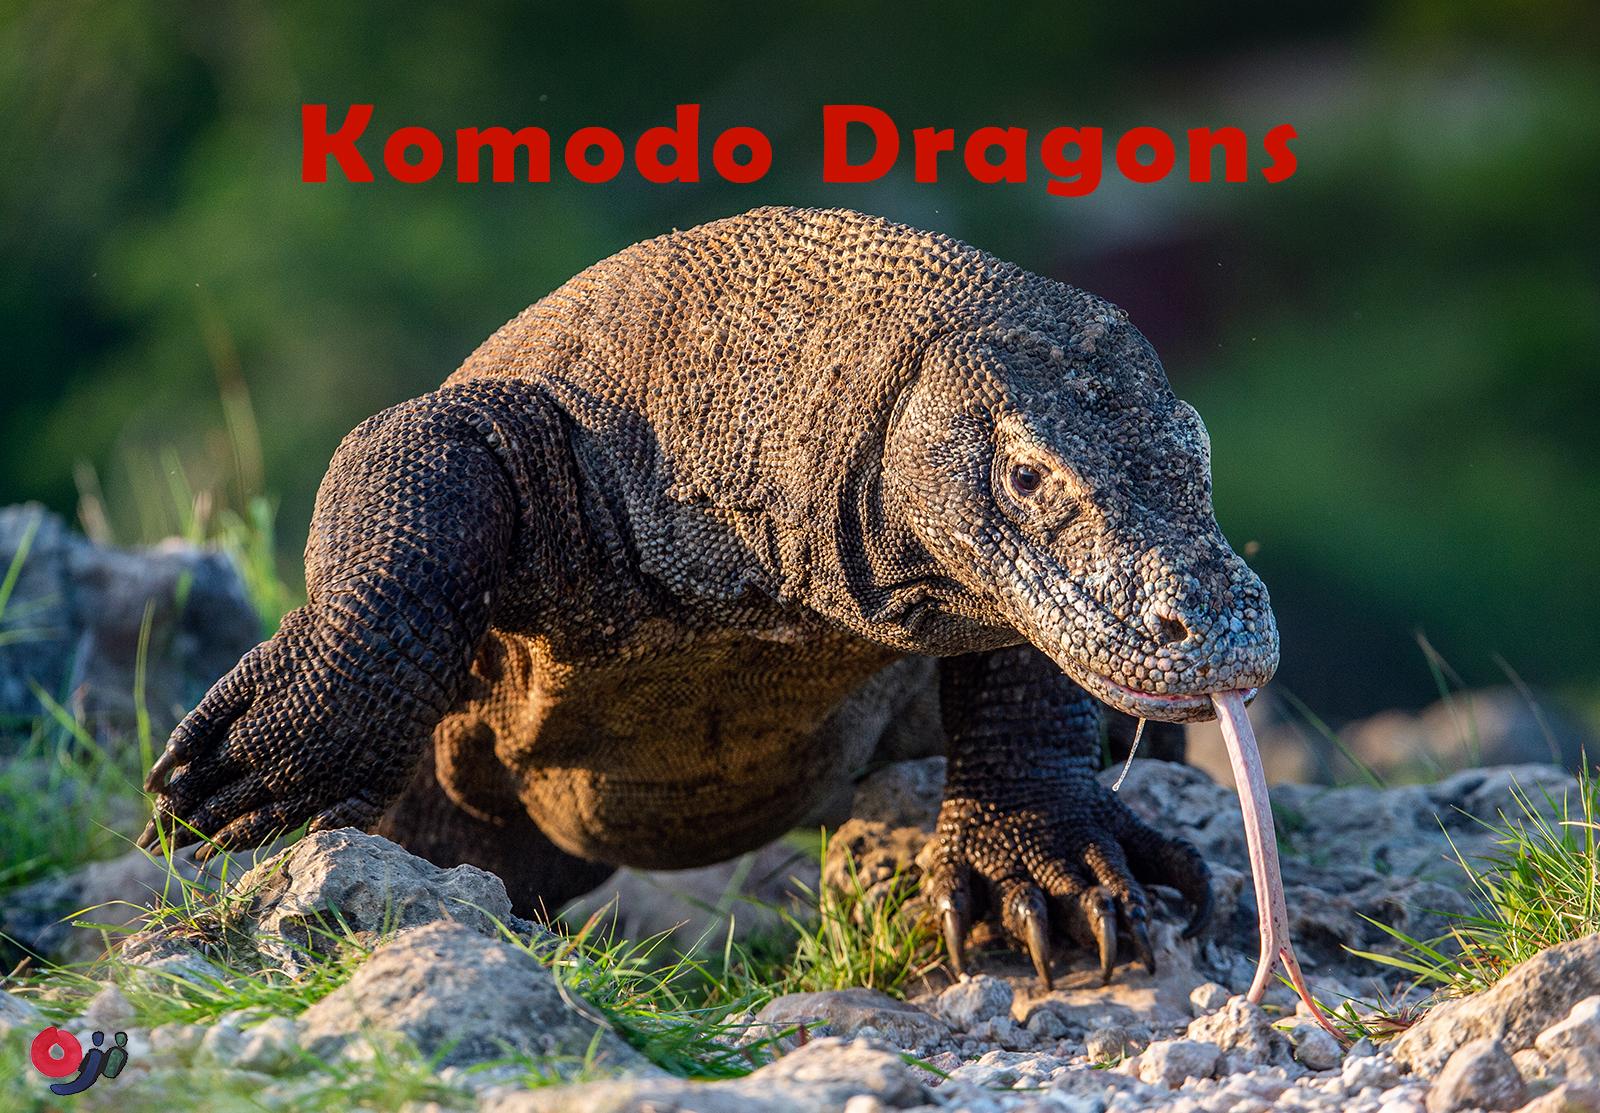 コモドドラゴンの生態